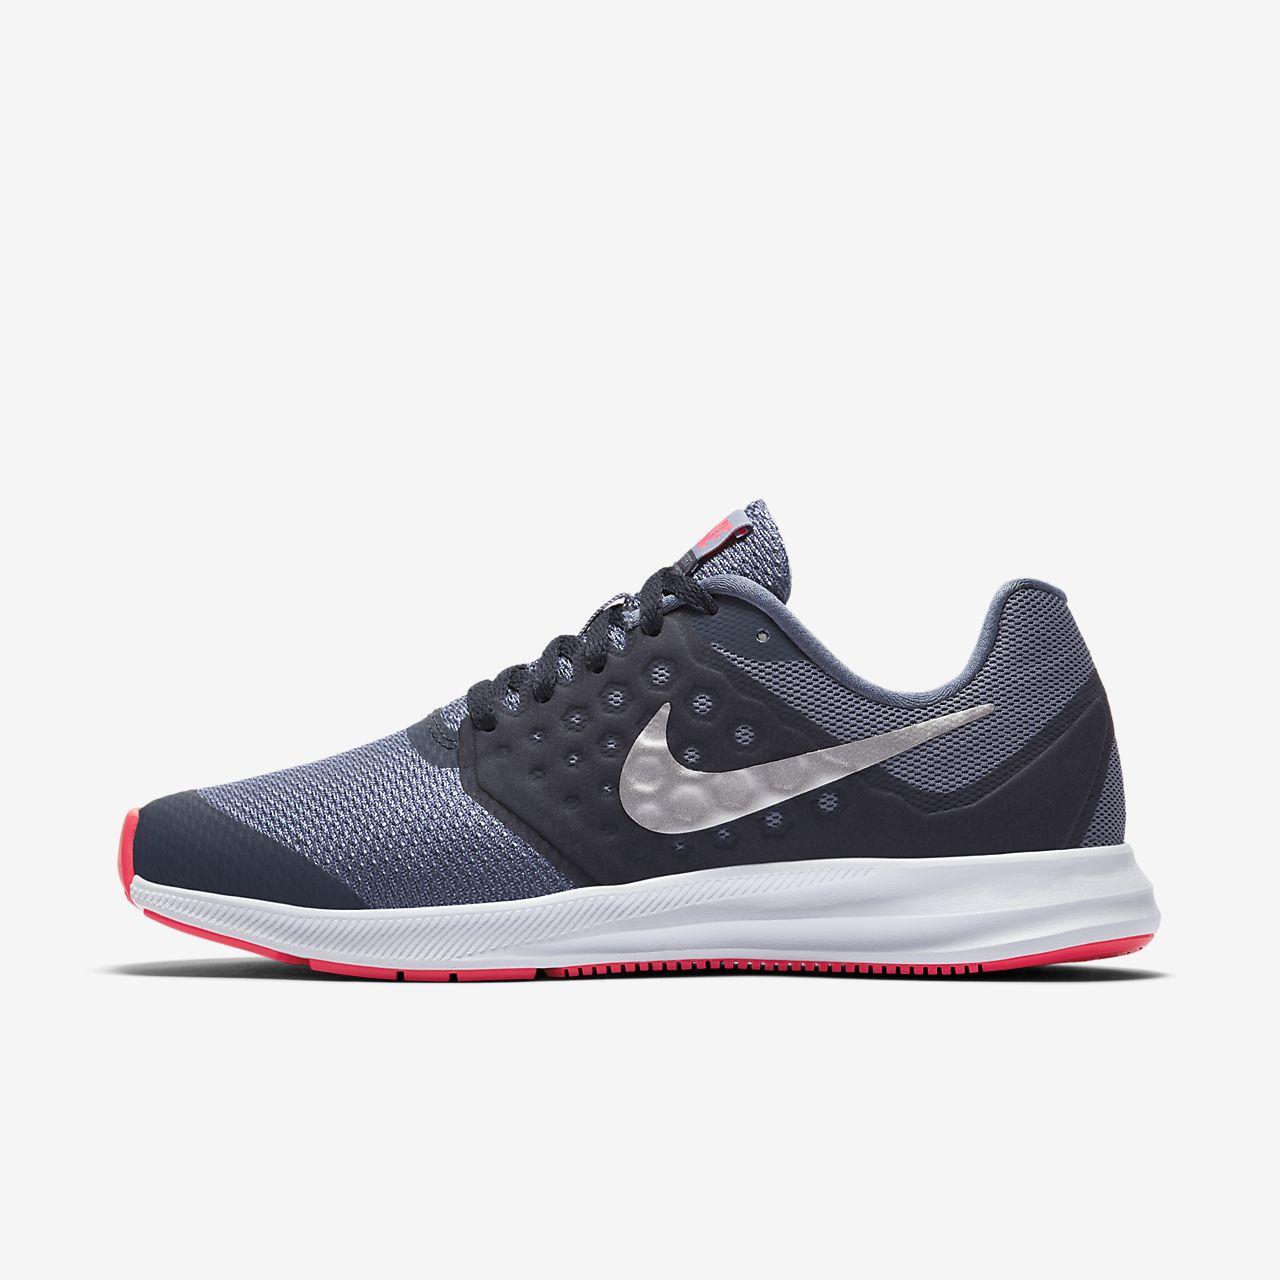 Nike Downshifter 7 Genç Çocuk Koşu Ayakkabısı